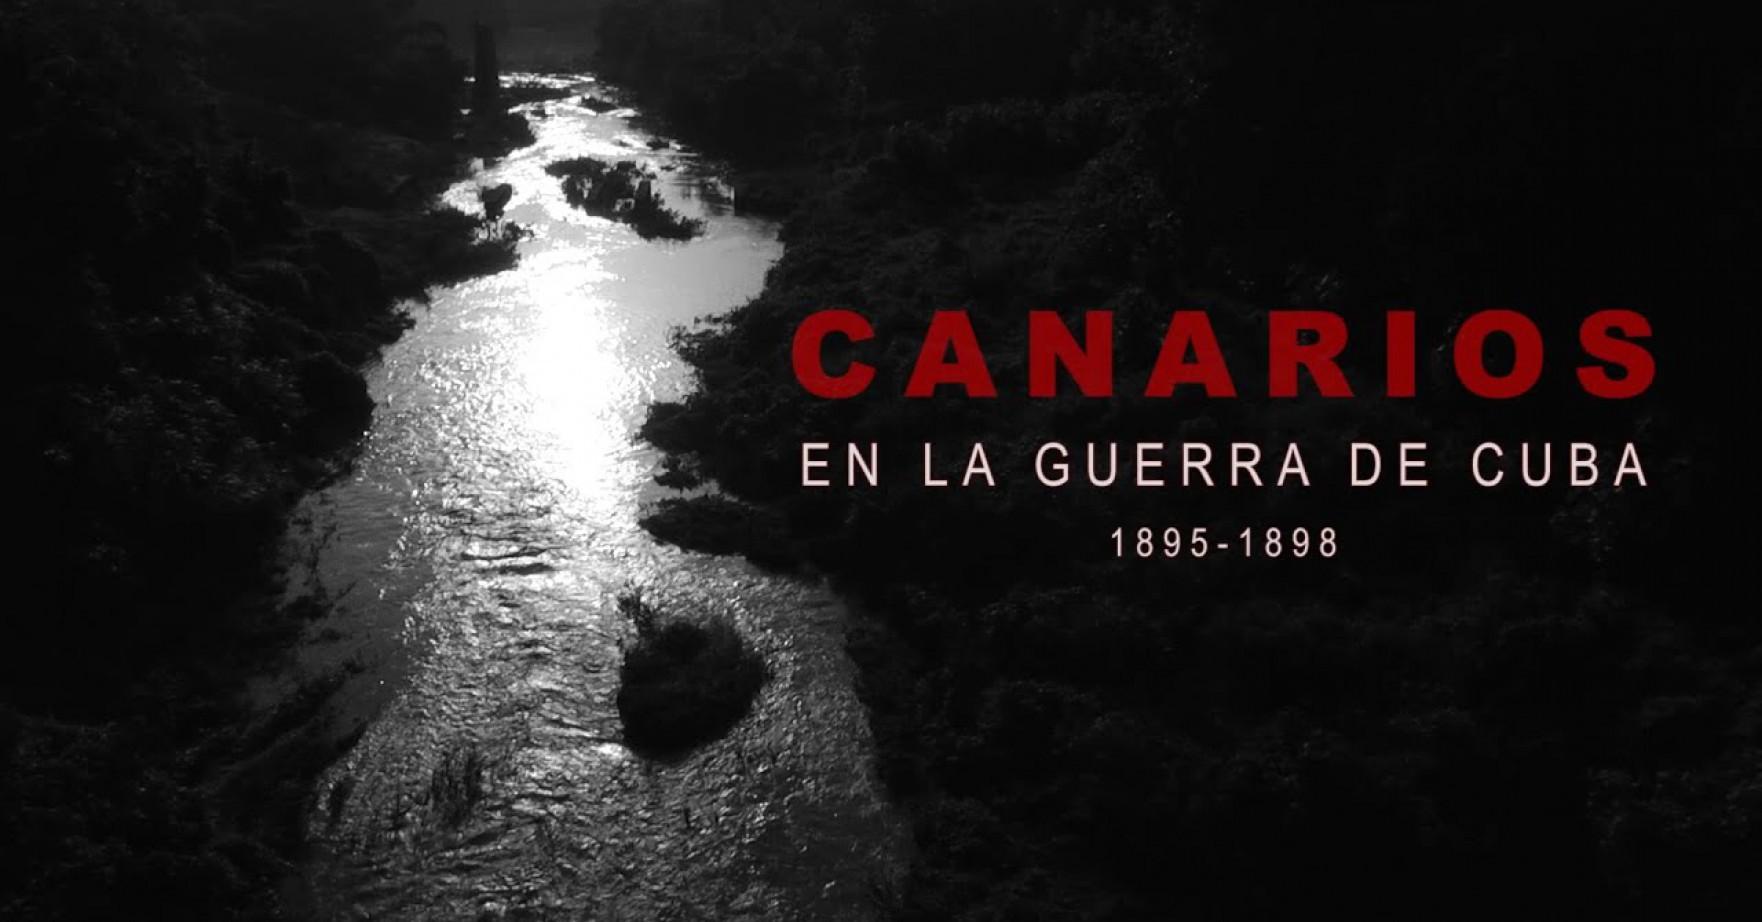 Canarios en la guerra de Cuba, 1895-1898